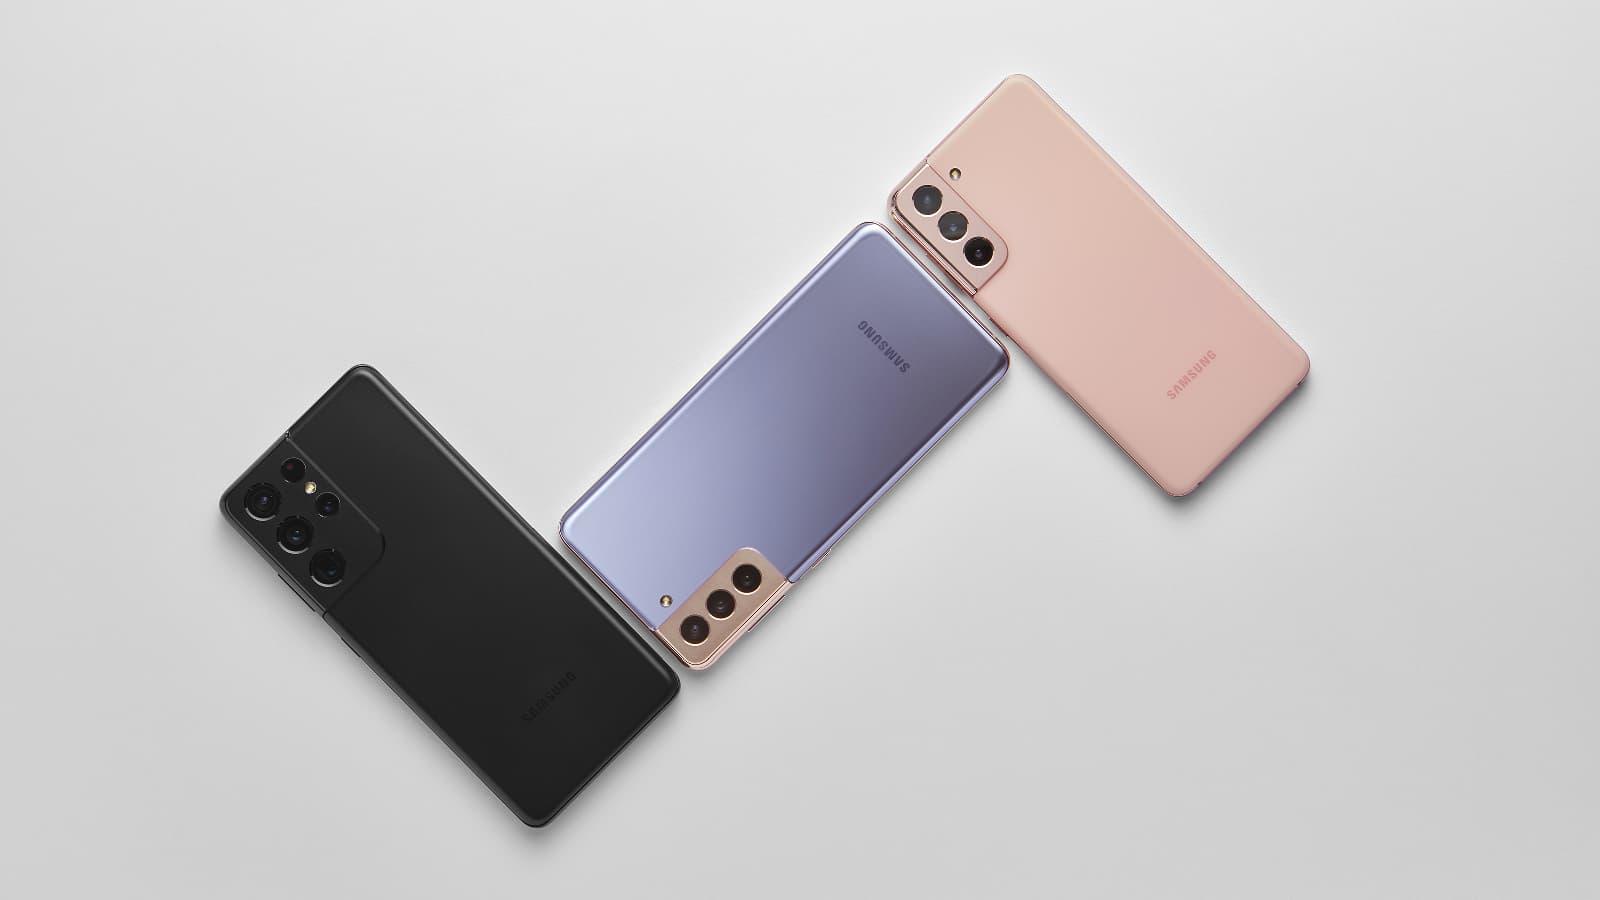 Le nouveau Galaxy S21 est arrivé chez SFR